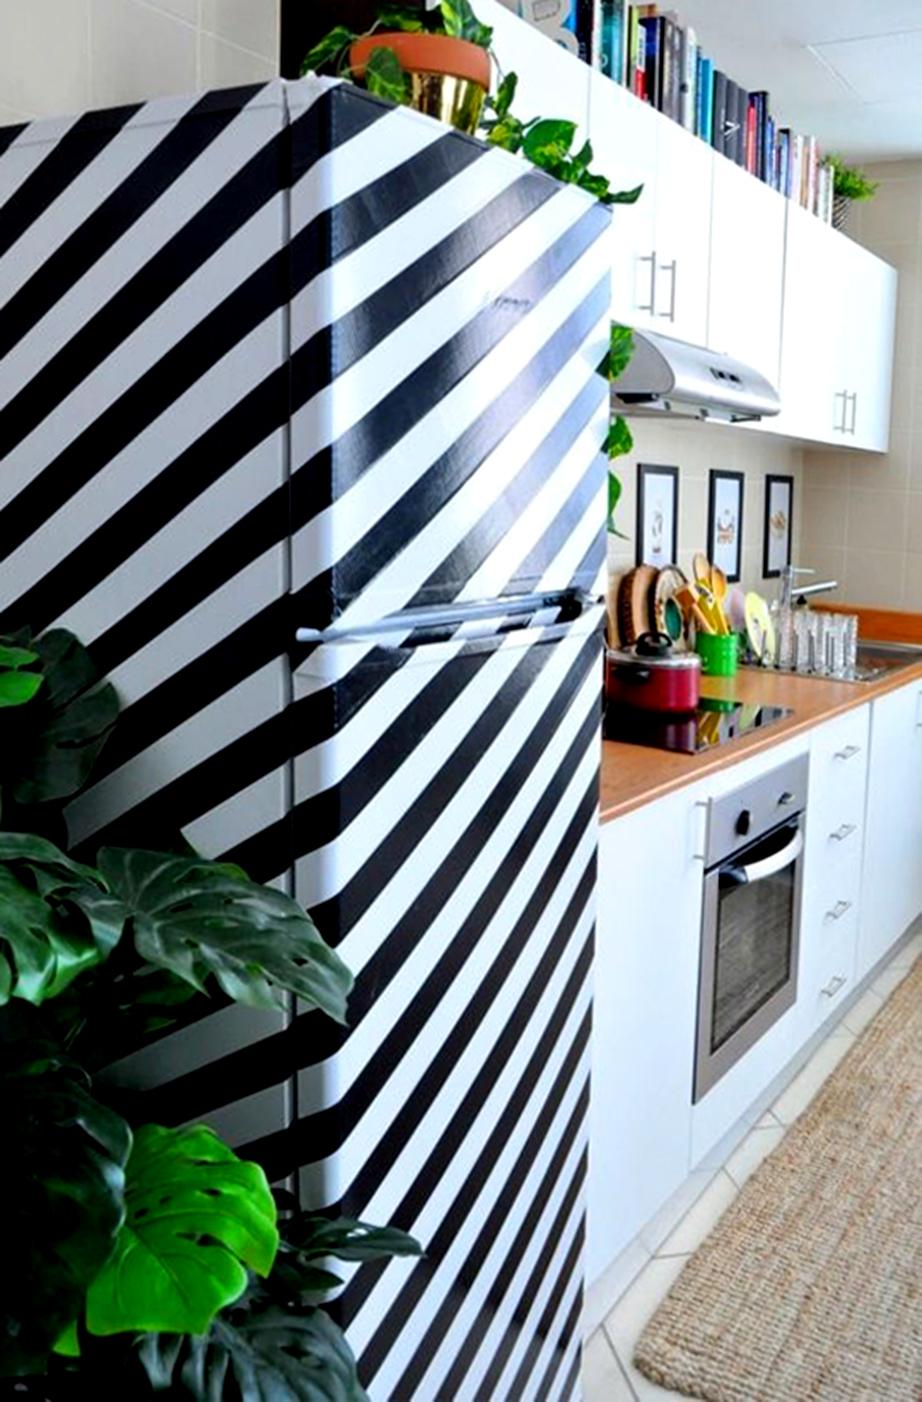 Με χρωματιστές διακοσμητικές ταινίες δημιουργήστε γεωμετρικά σχήματα ή παράλληλες γραμμές πάνω στην επιφάνεια του ψυγείου σας.